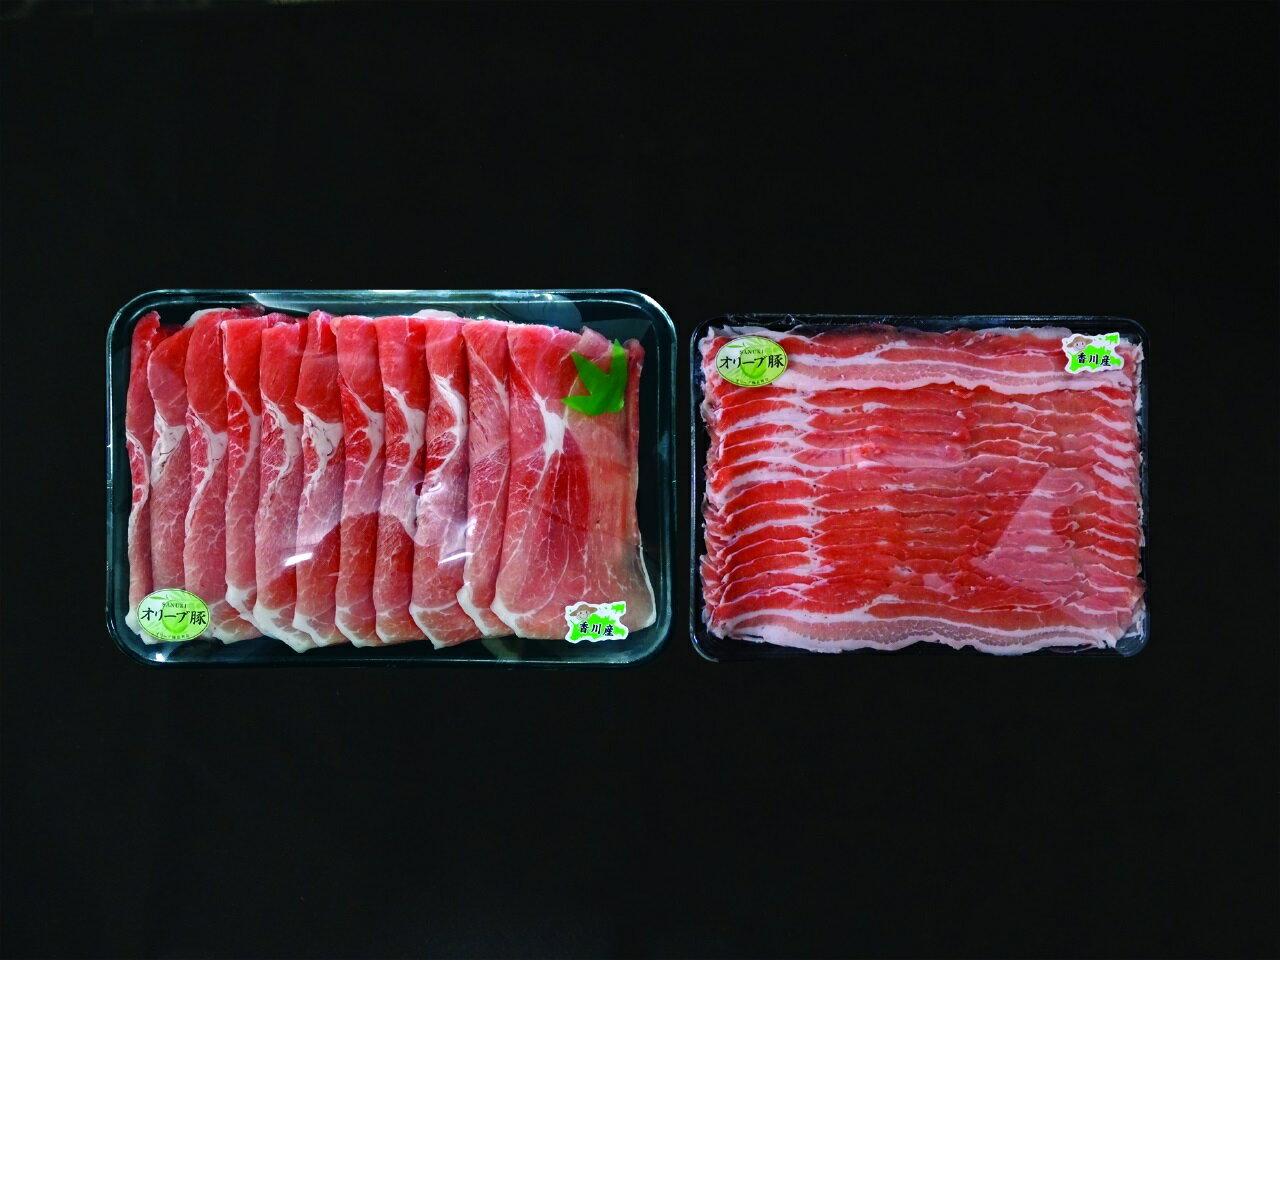 【ふるさと納税】【香川のブランド豚!!オリーブを食べた豚だからヘルシー】オリーブ豚 【モモスライス2kg・バラスライス1kg】